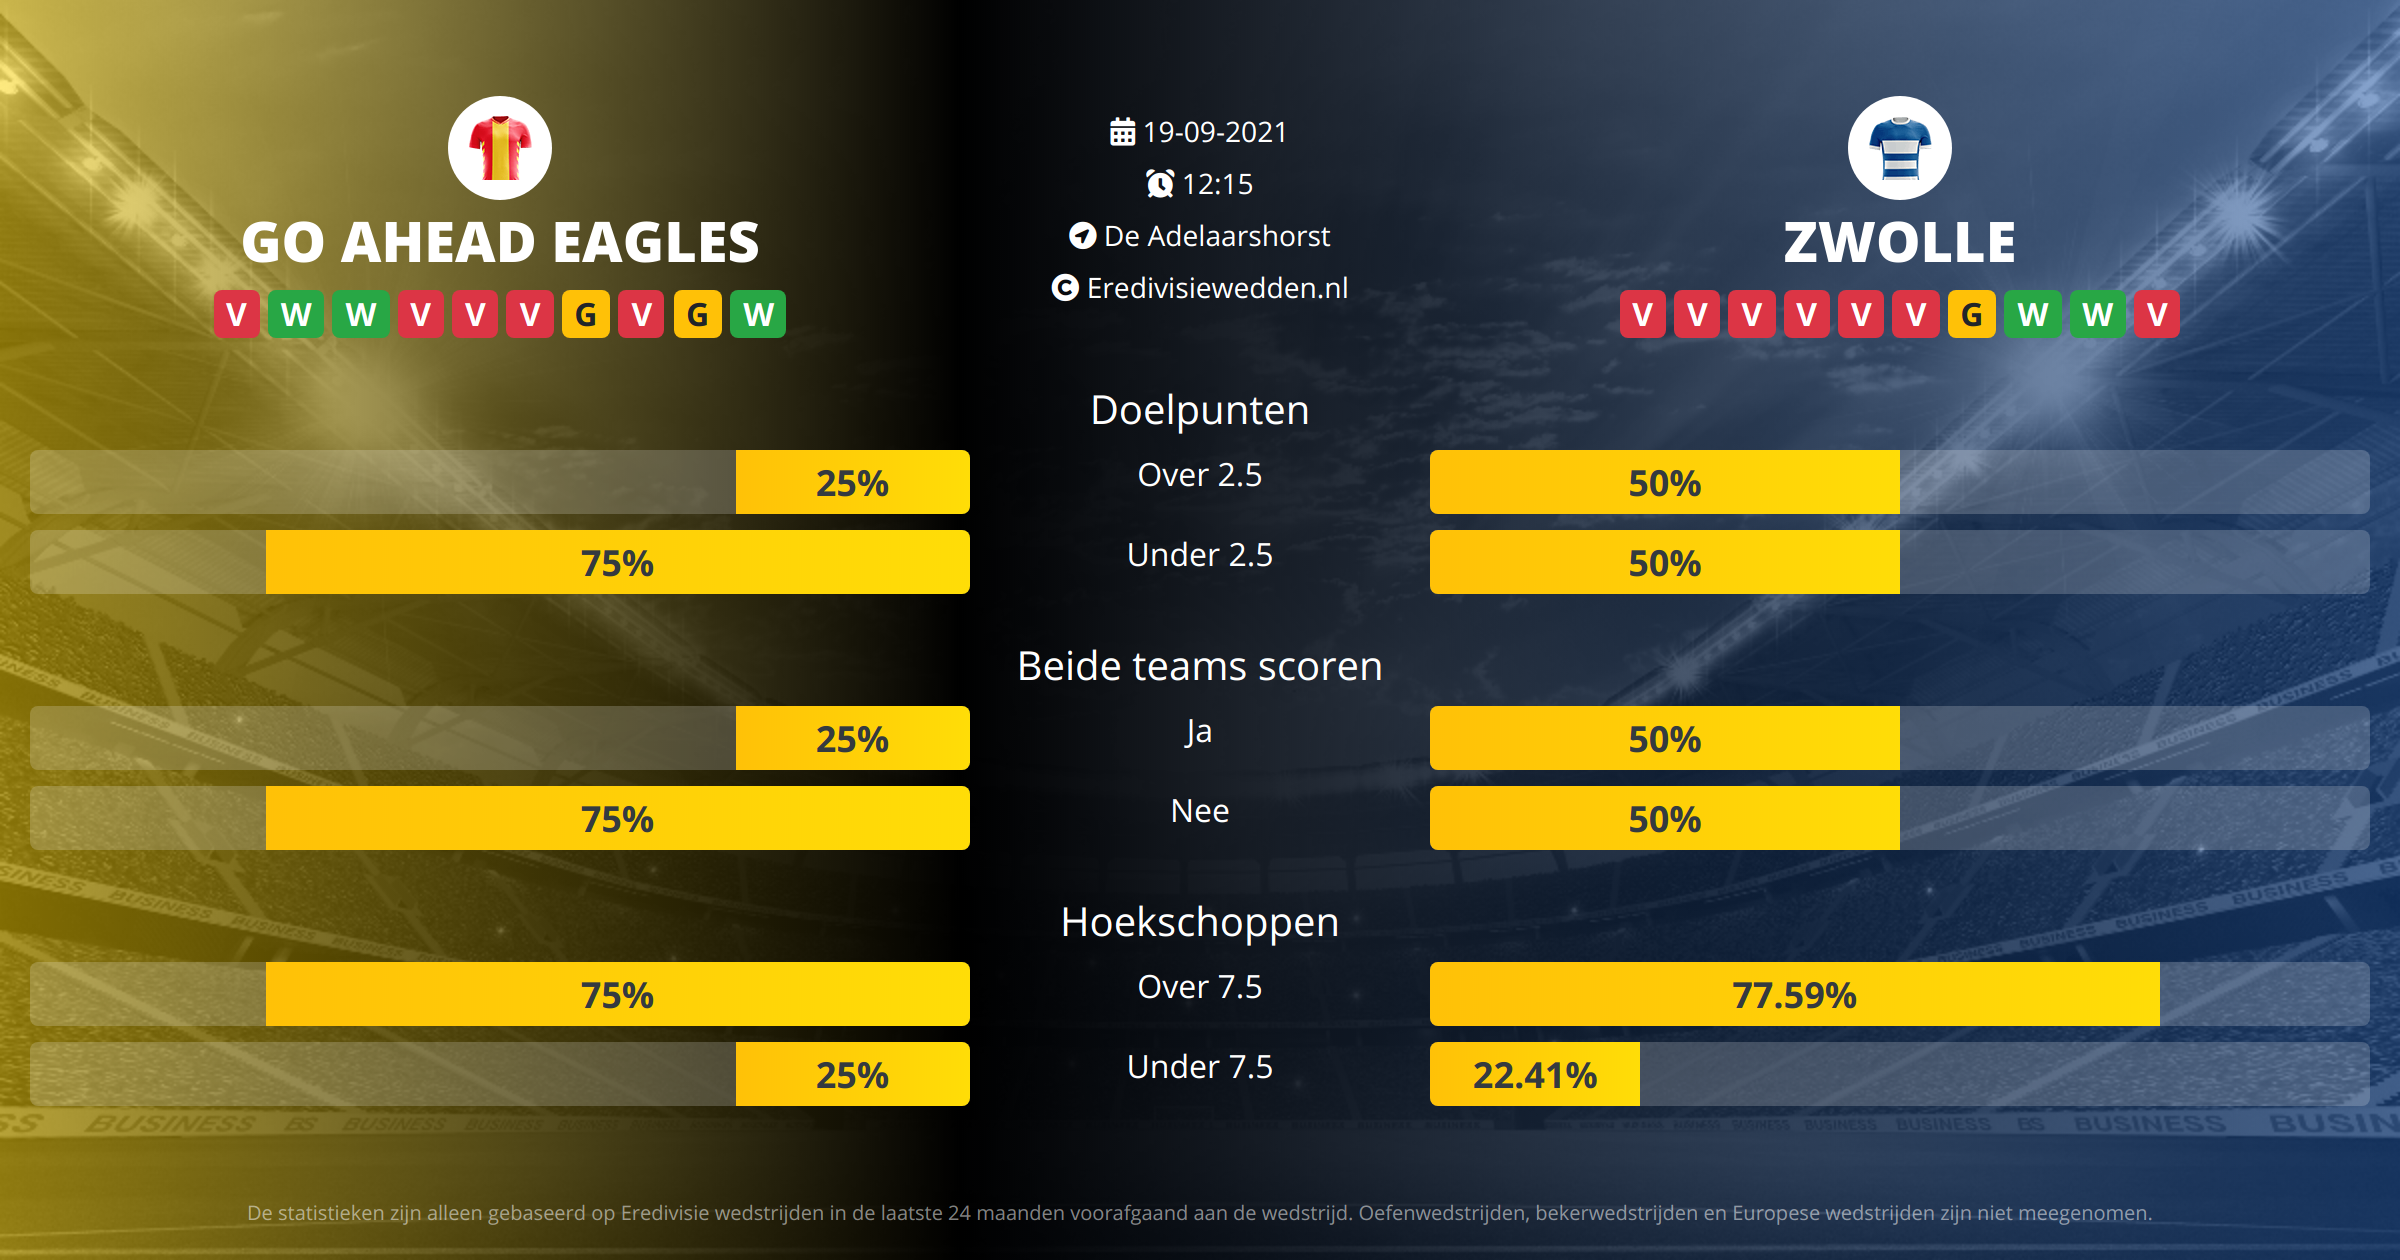 Voorspelling Go Ahead Eagles tegen PEC Zwolle op  19  2021